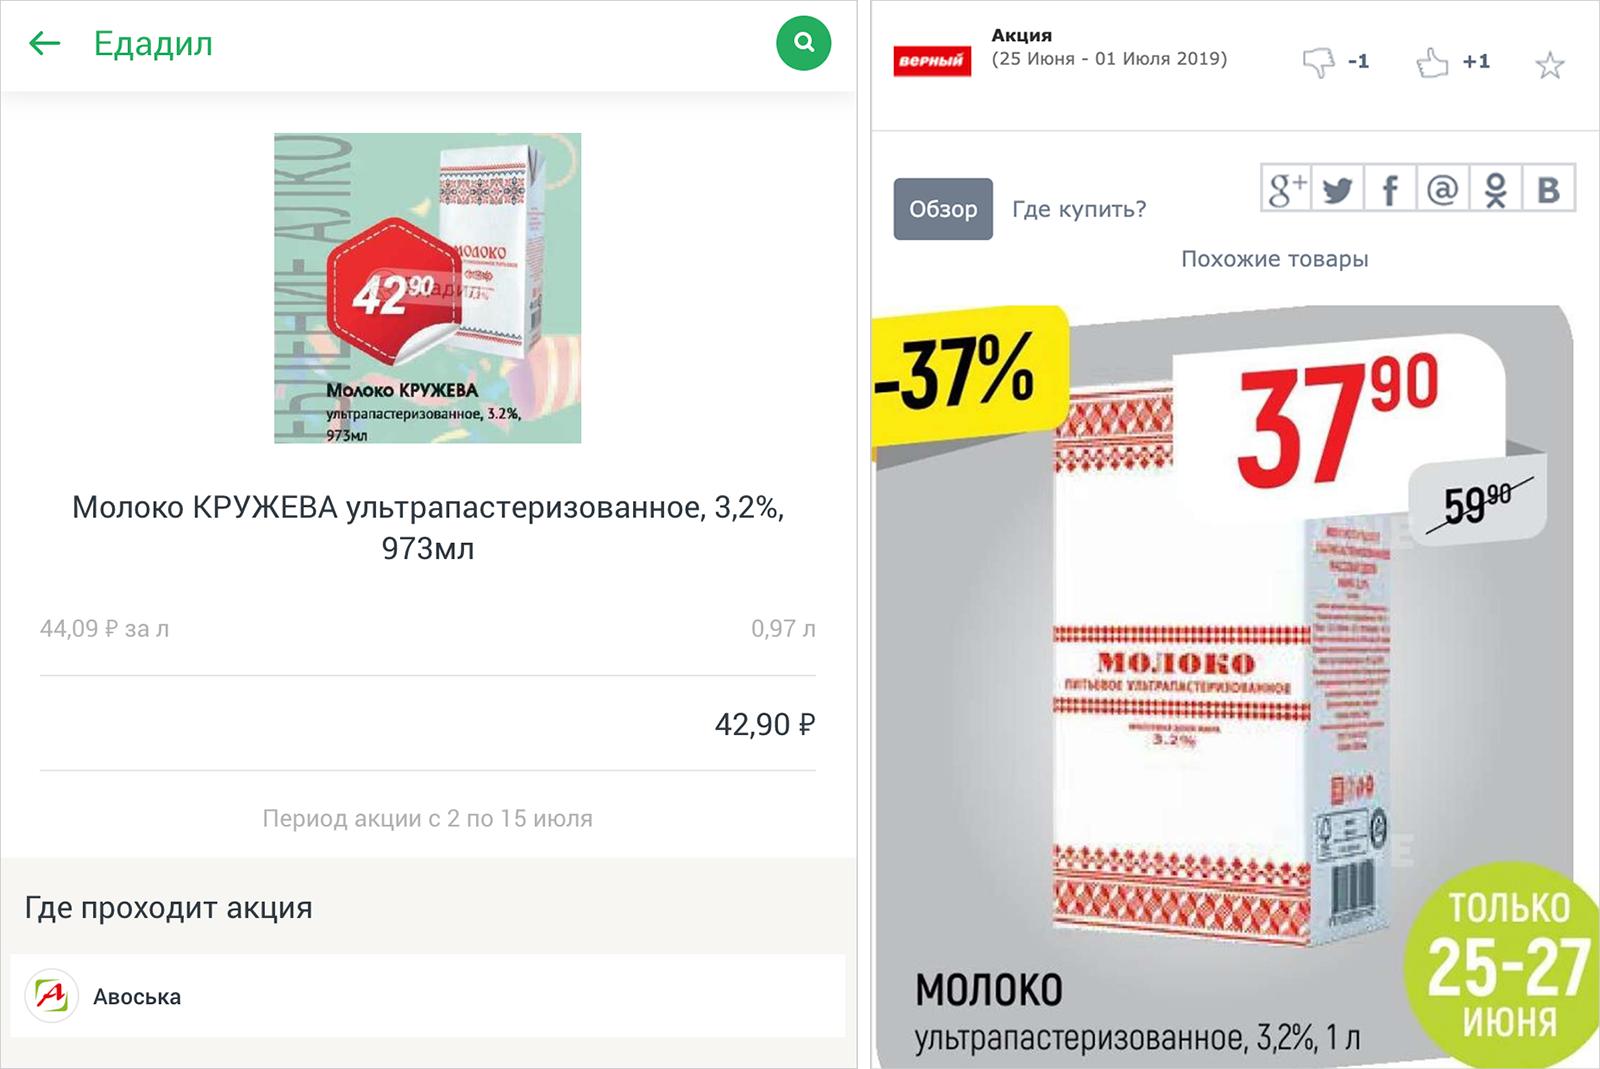 «Едадил» и «Скидка-онлайн» нашли скидки на молоко: осталось выбрать магазин — «Верный»или«Авоська»